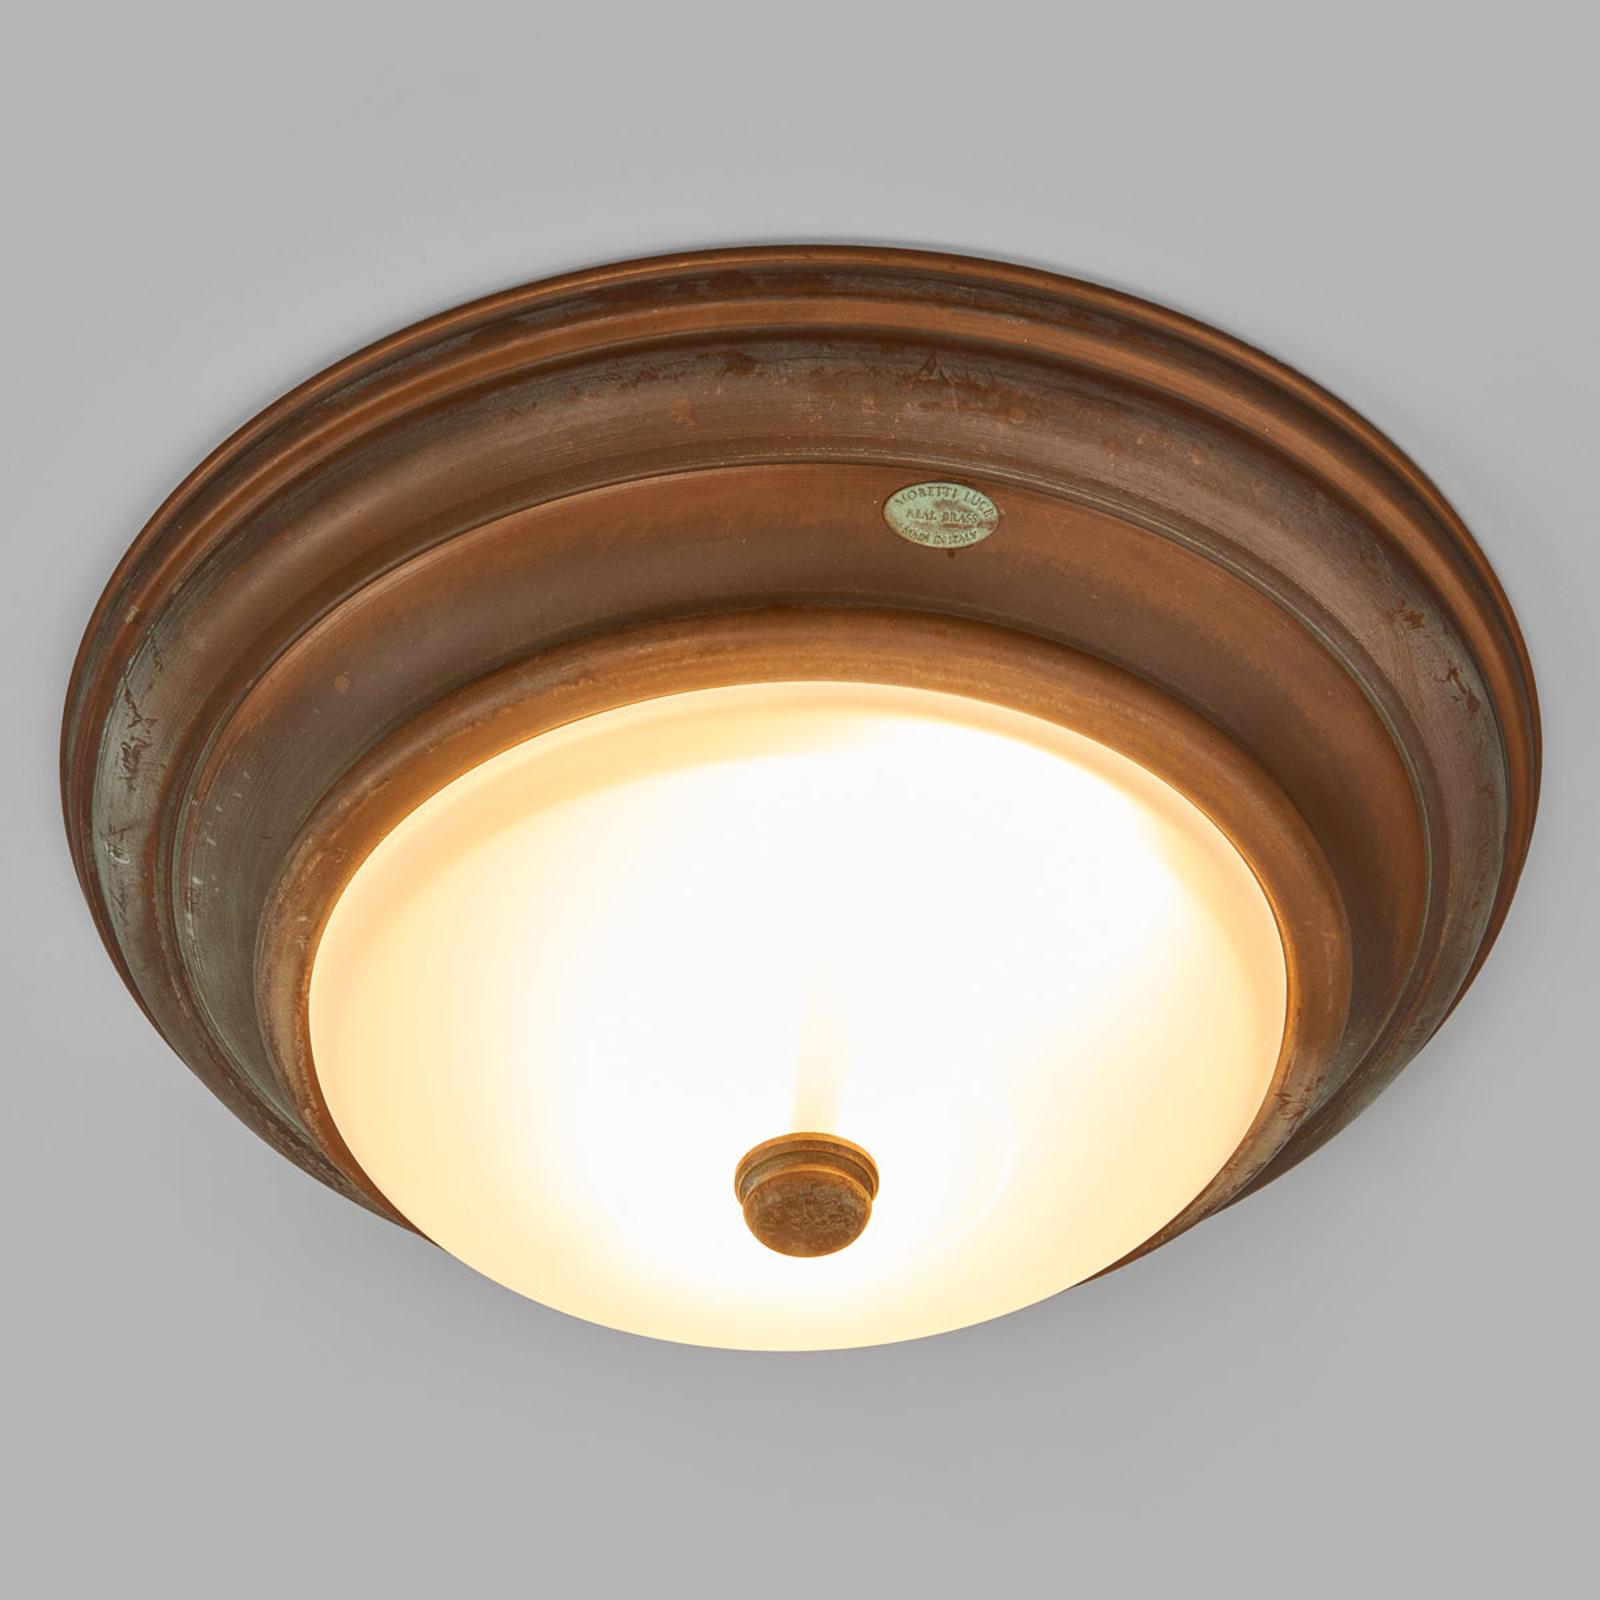 Antique-looking ceiling light Clasico_6515194_1